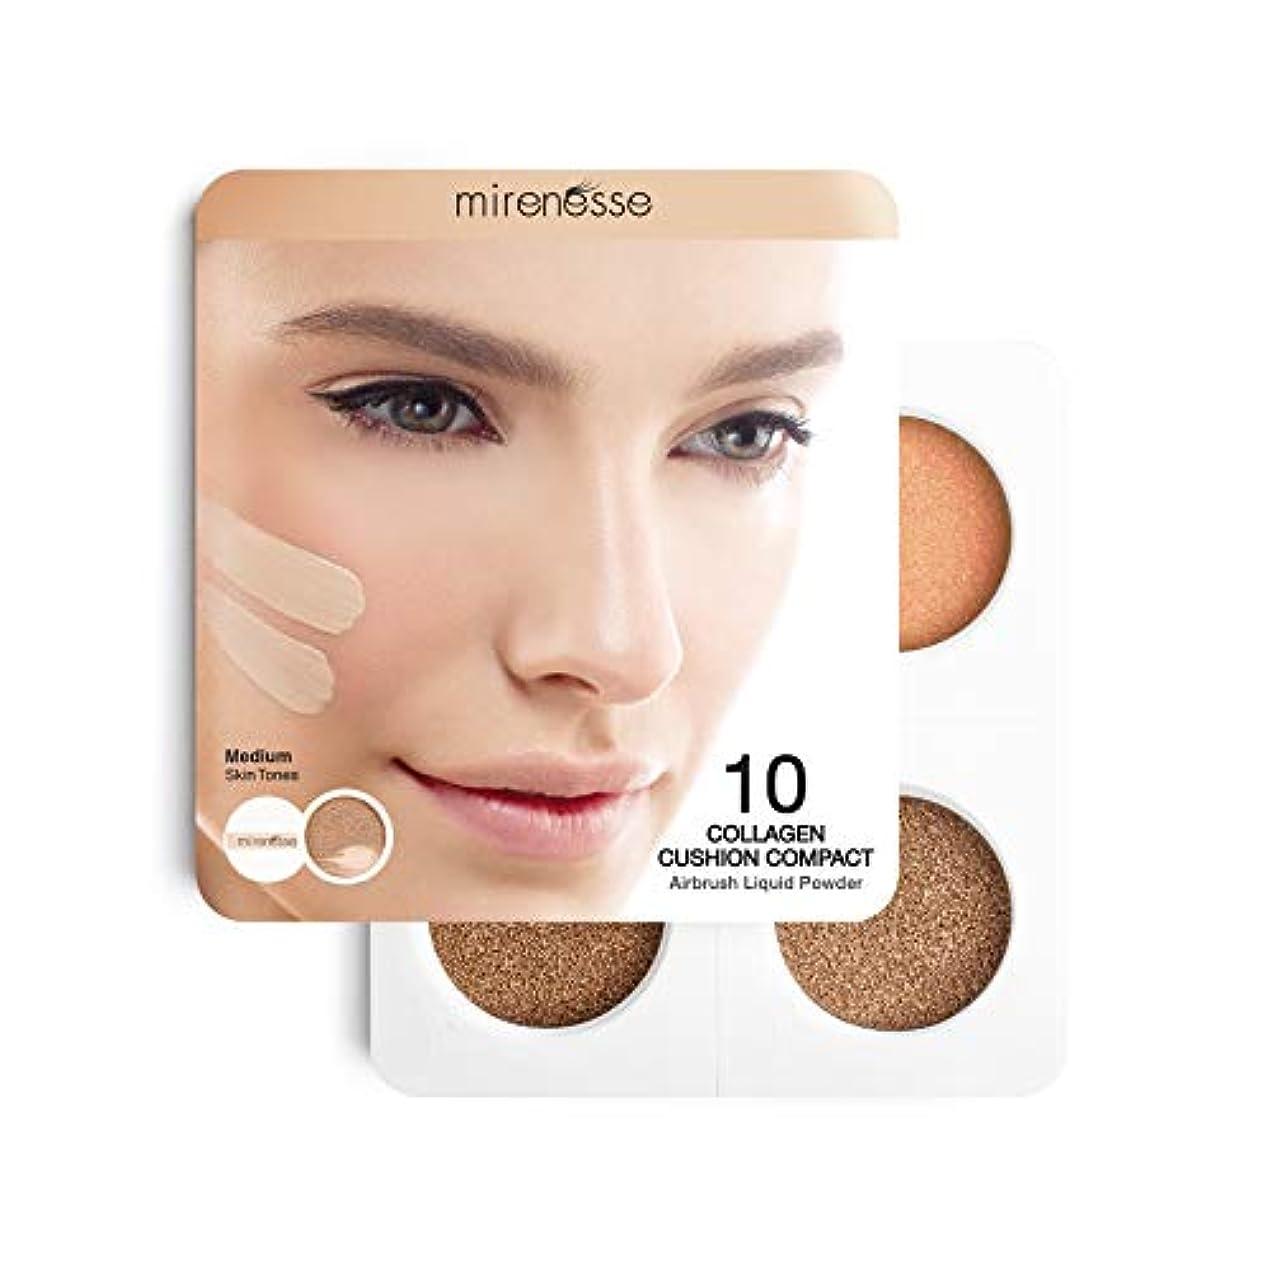 新しい意味パドル出口Mirenesse Cosmetics 4Pce 10 Collagen Cushion Foundation Sampler - Medium/Dark